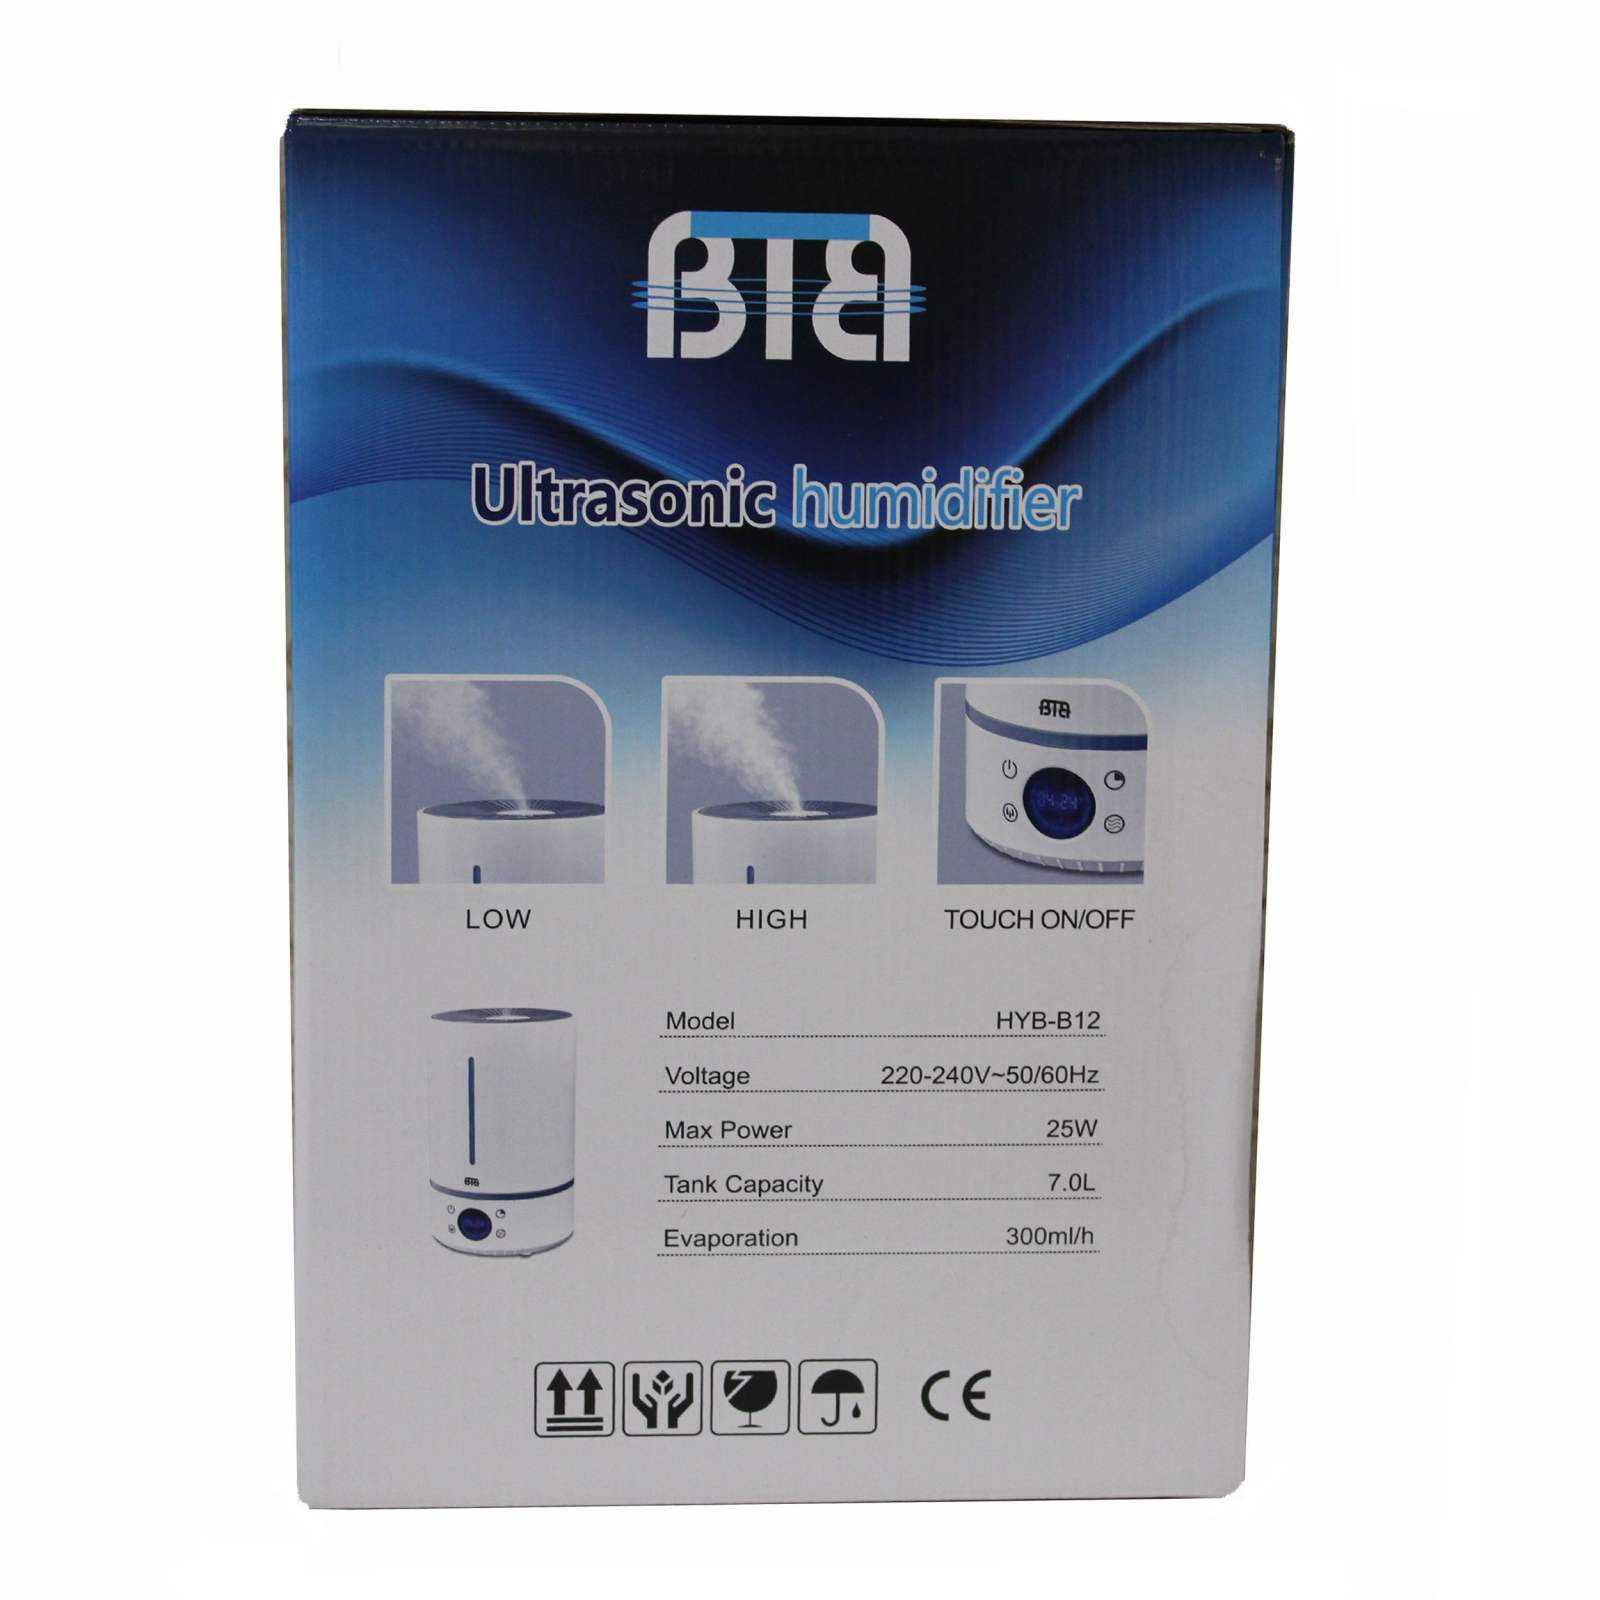 دستگاه بخور سرد بی تی بی مدل HYB-B12